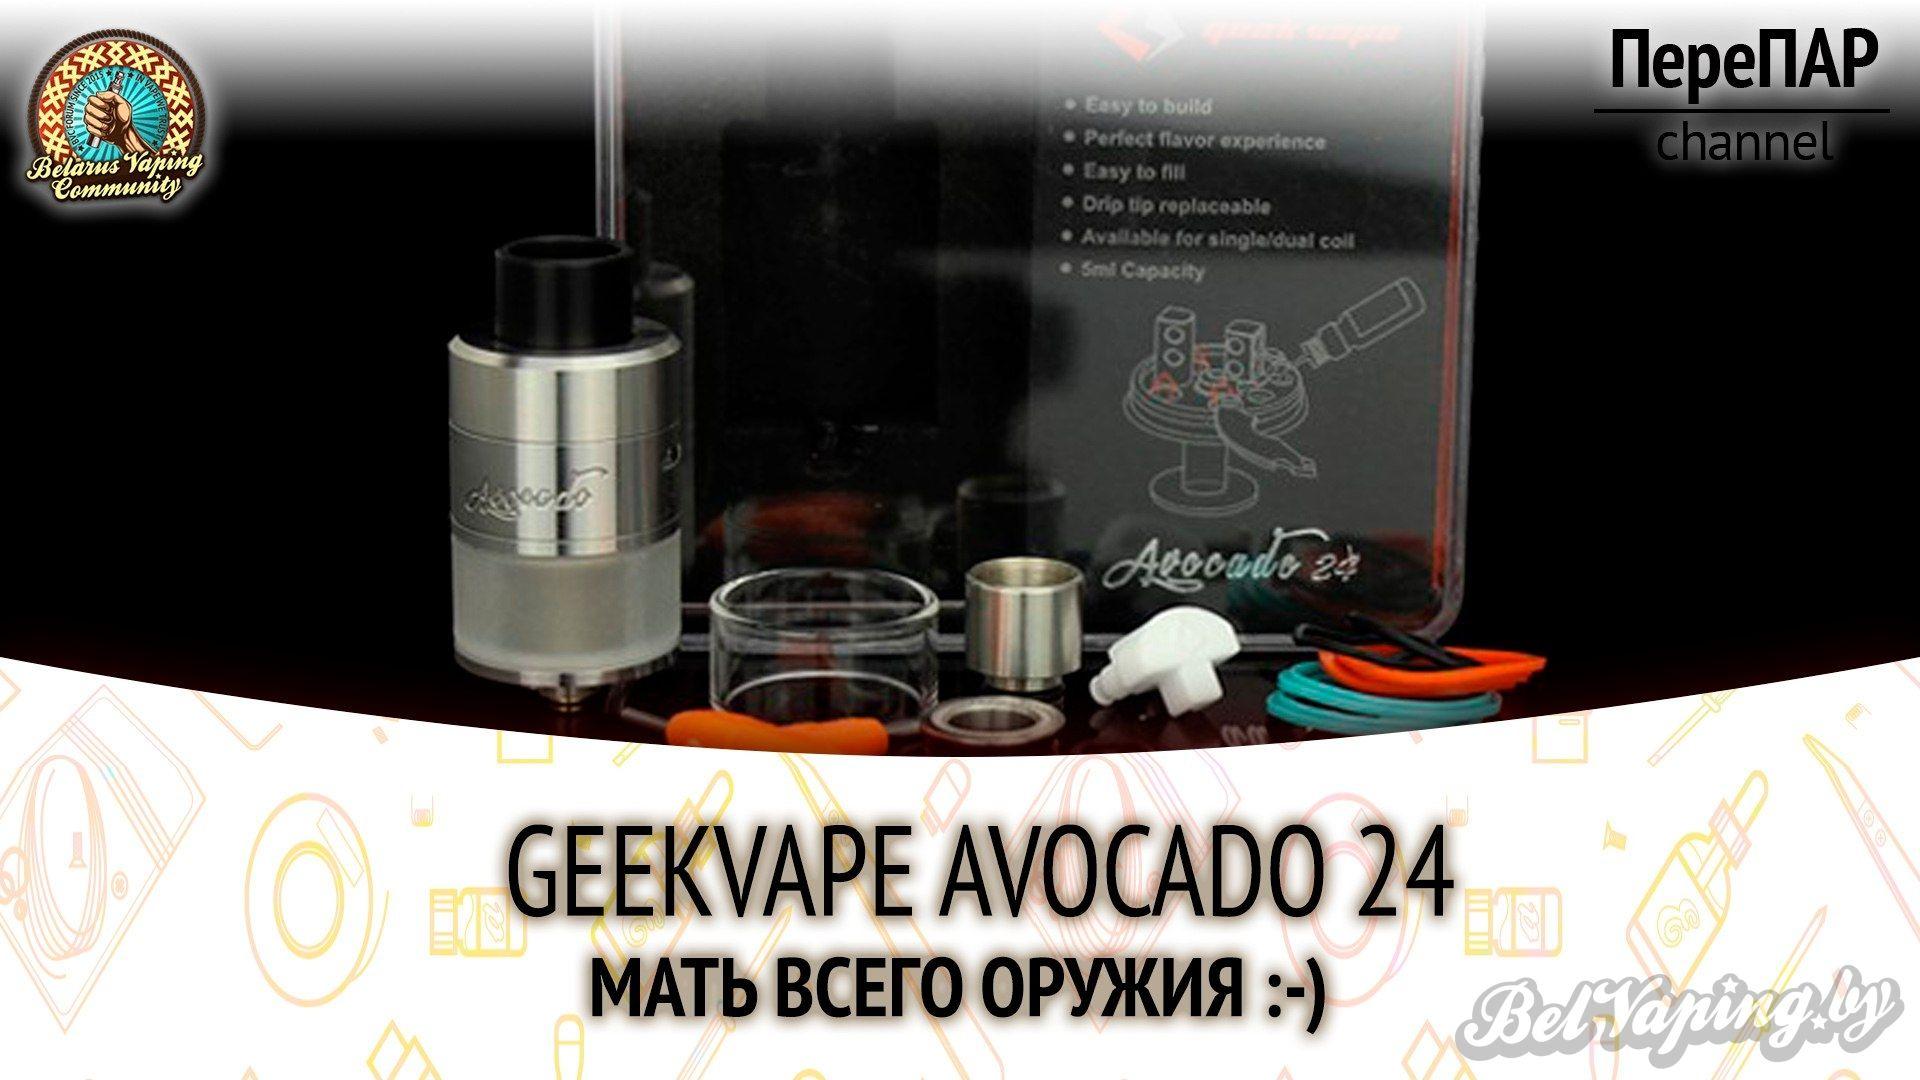 Обзор Geekvape Avocado 24 RDTA. Месяц использования